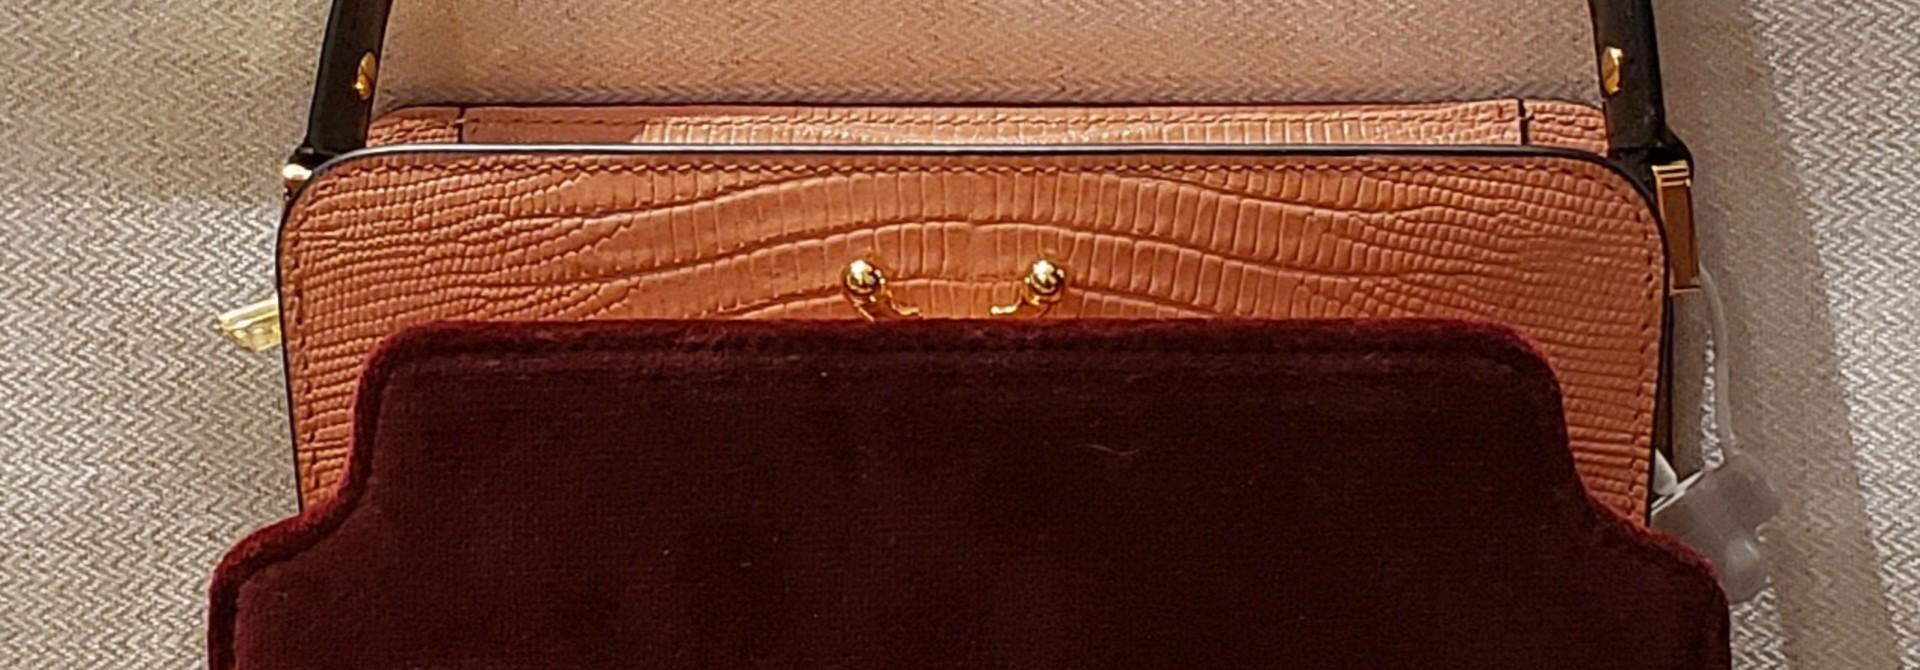 Shoulder Bag - Bordeau/Pink